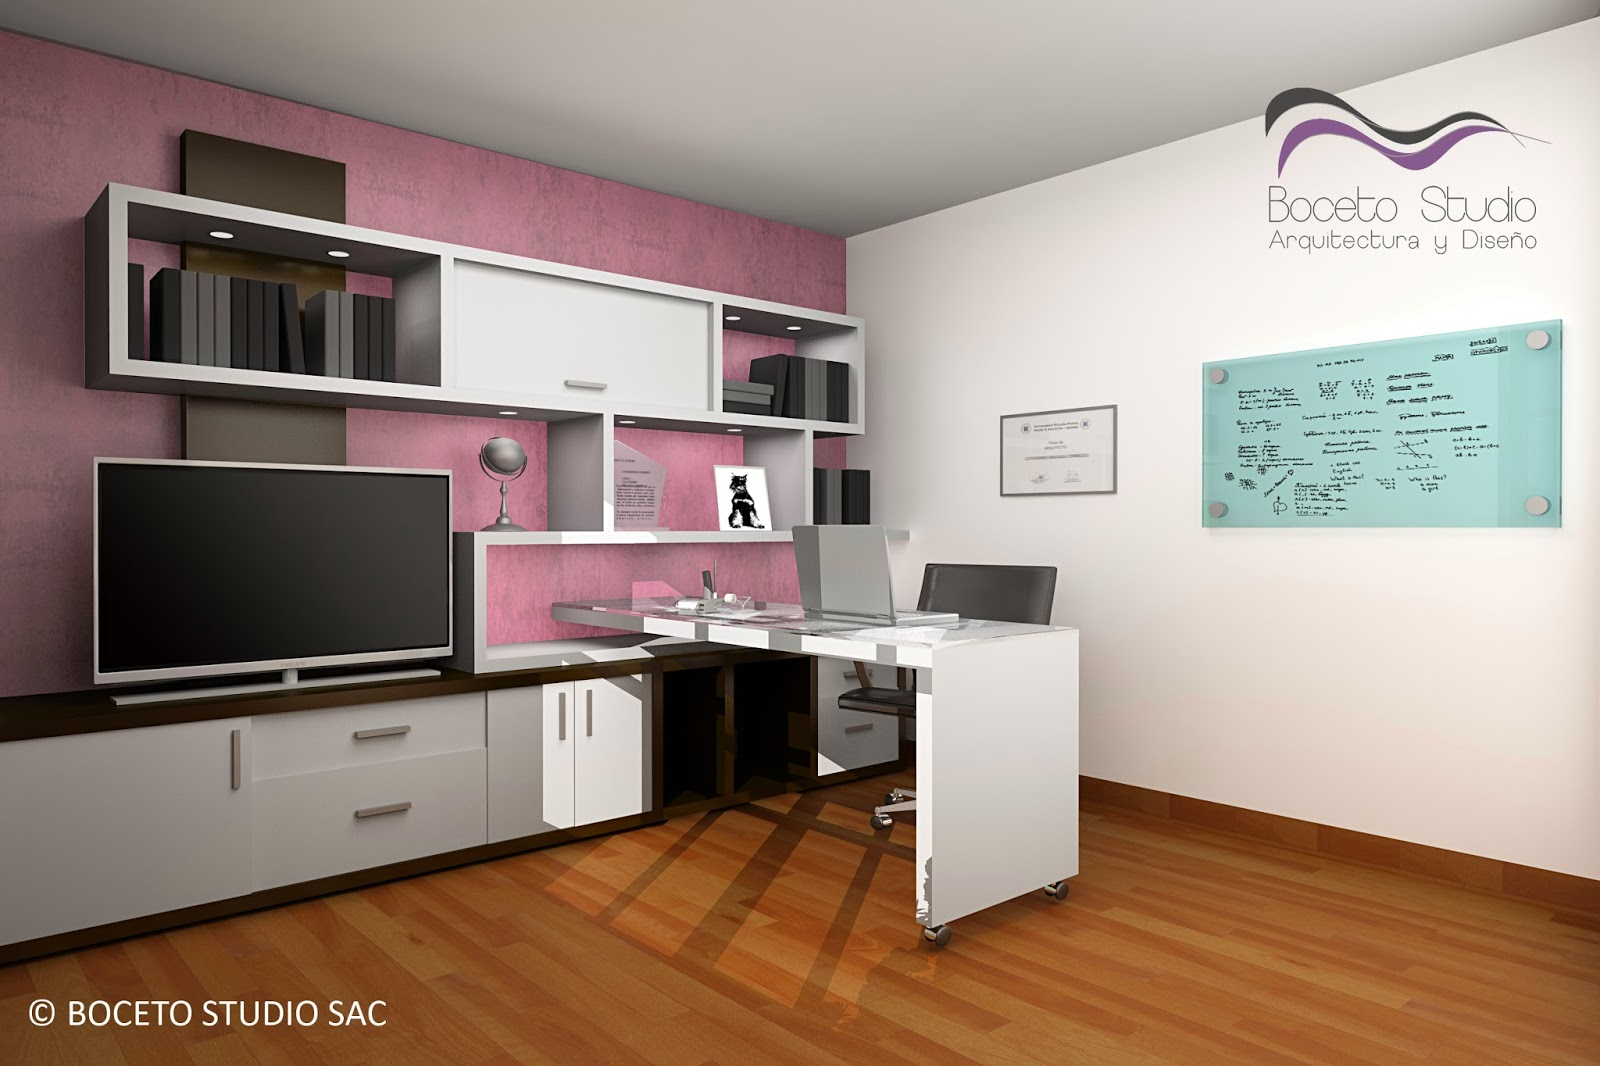 Boceto studio arquitectura y dise o cuarto de estudio y for Disenos de espejos para habitacion